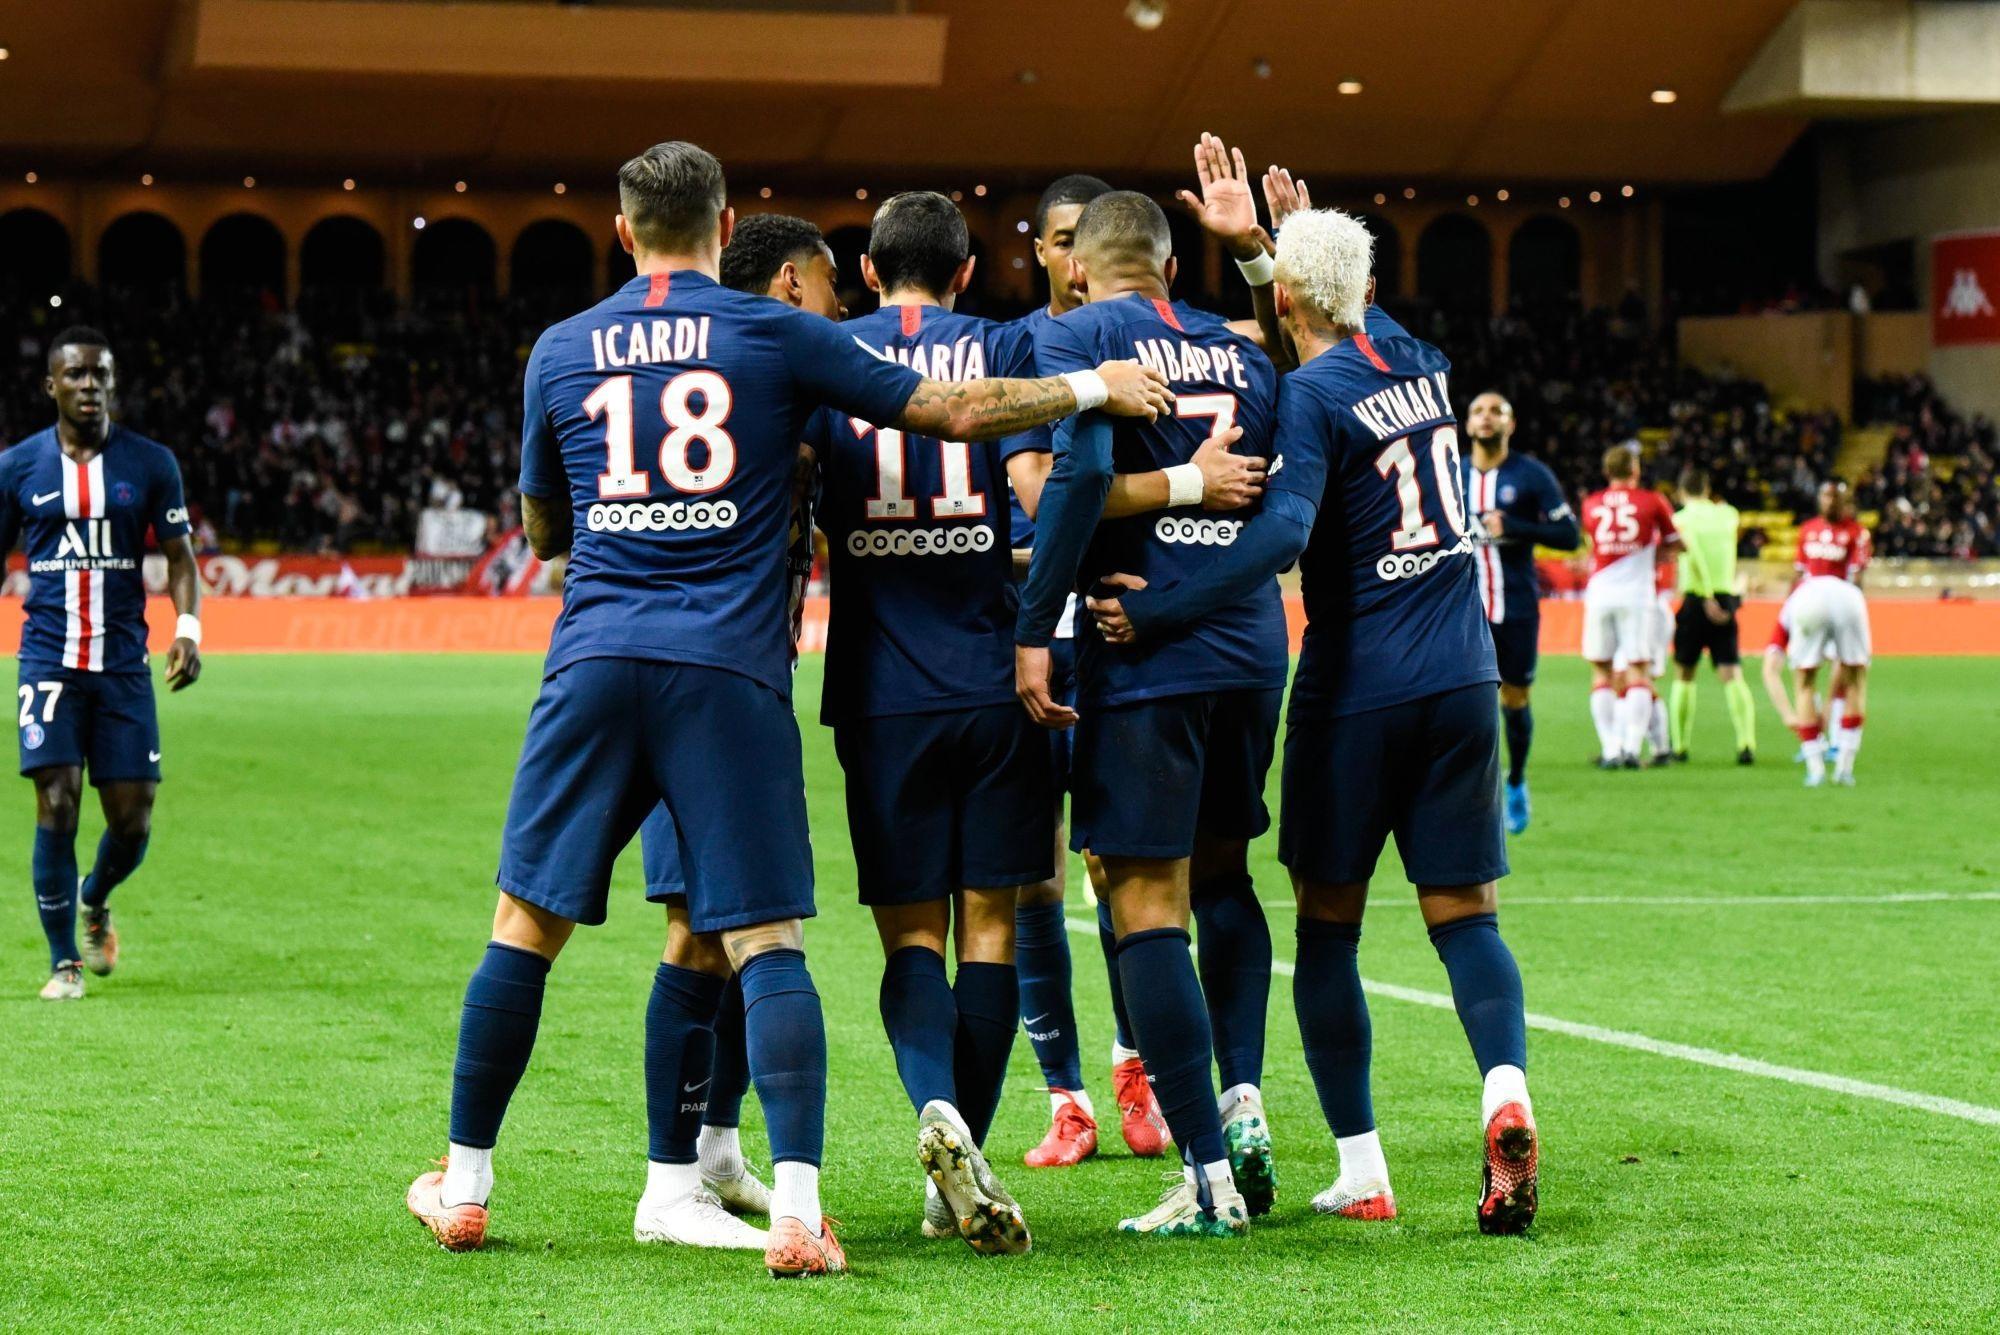 """Icardi s'exprime à propos du surnom des Quatre Fantastiques """"Je ne suis pas trop d'accord"""""""